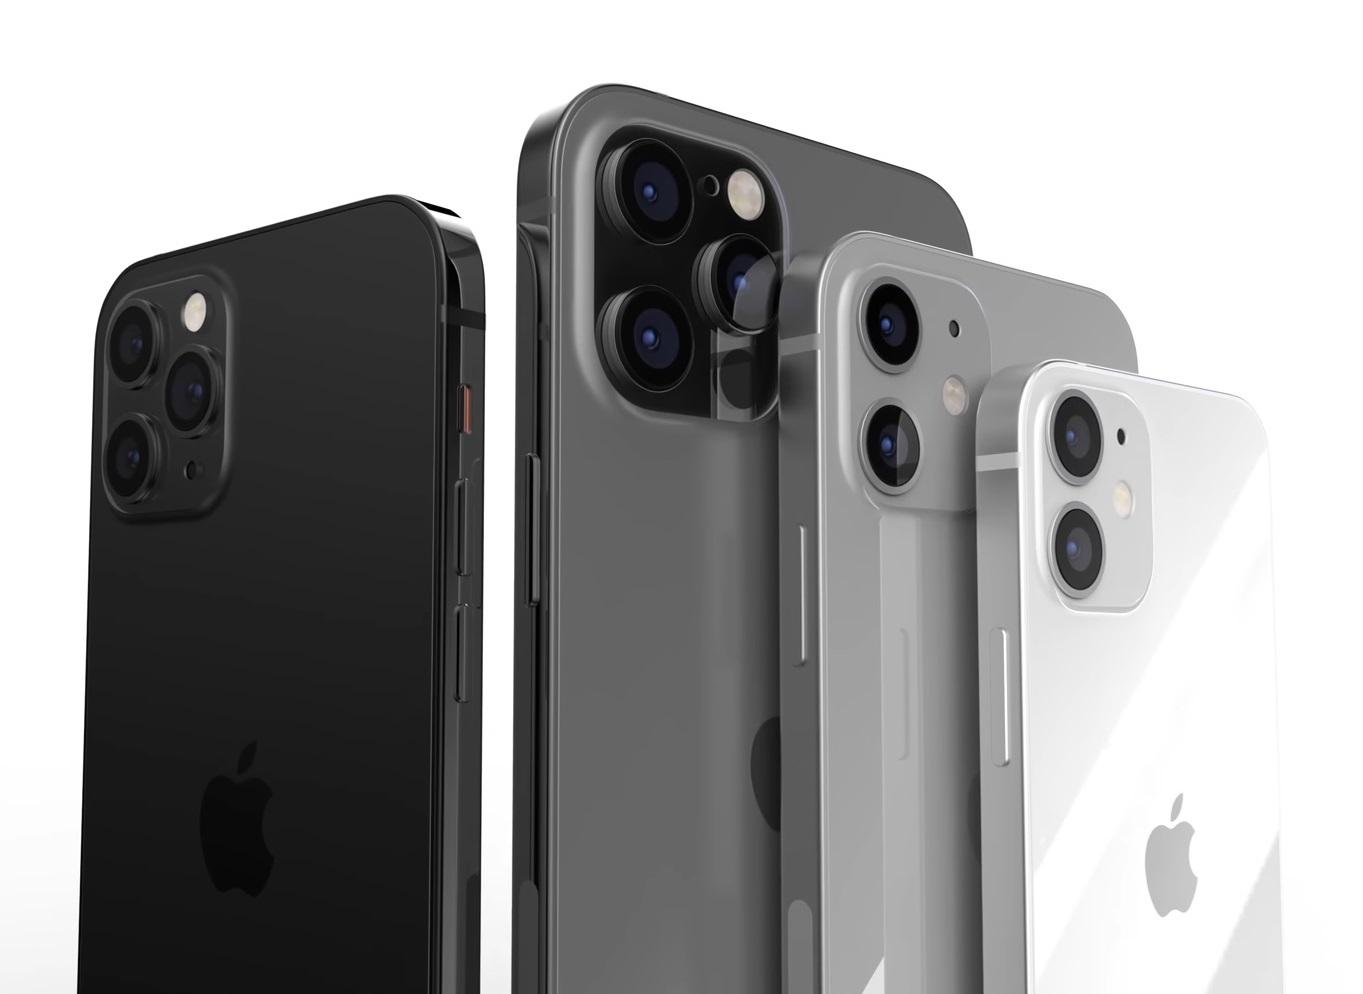 On voit bien la différence de taille entre les quatre modèles de Iphone 12